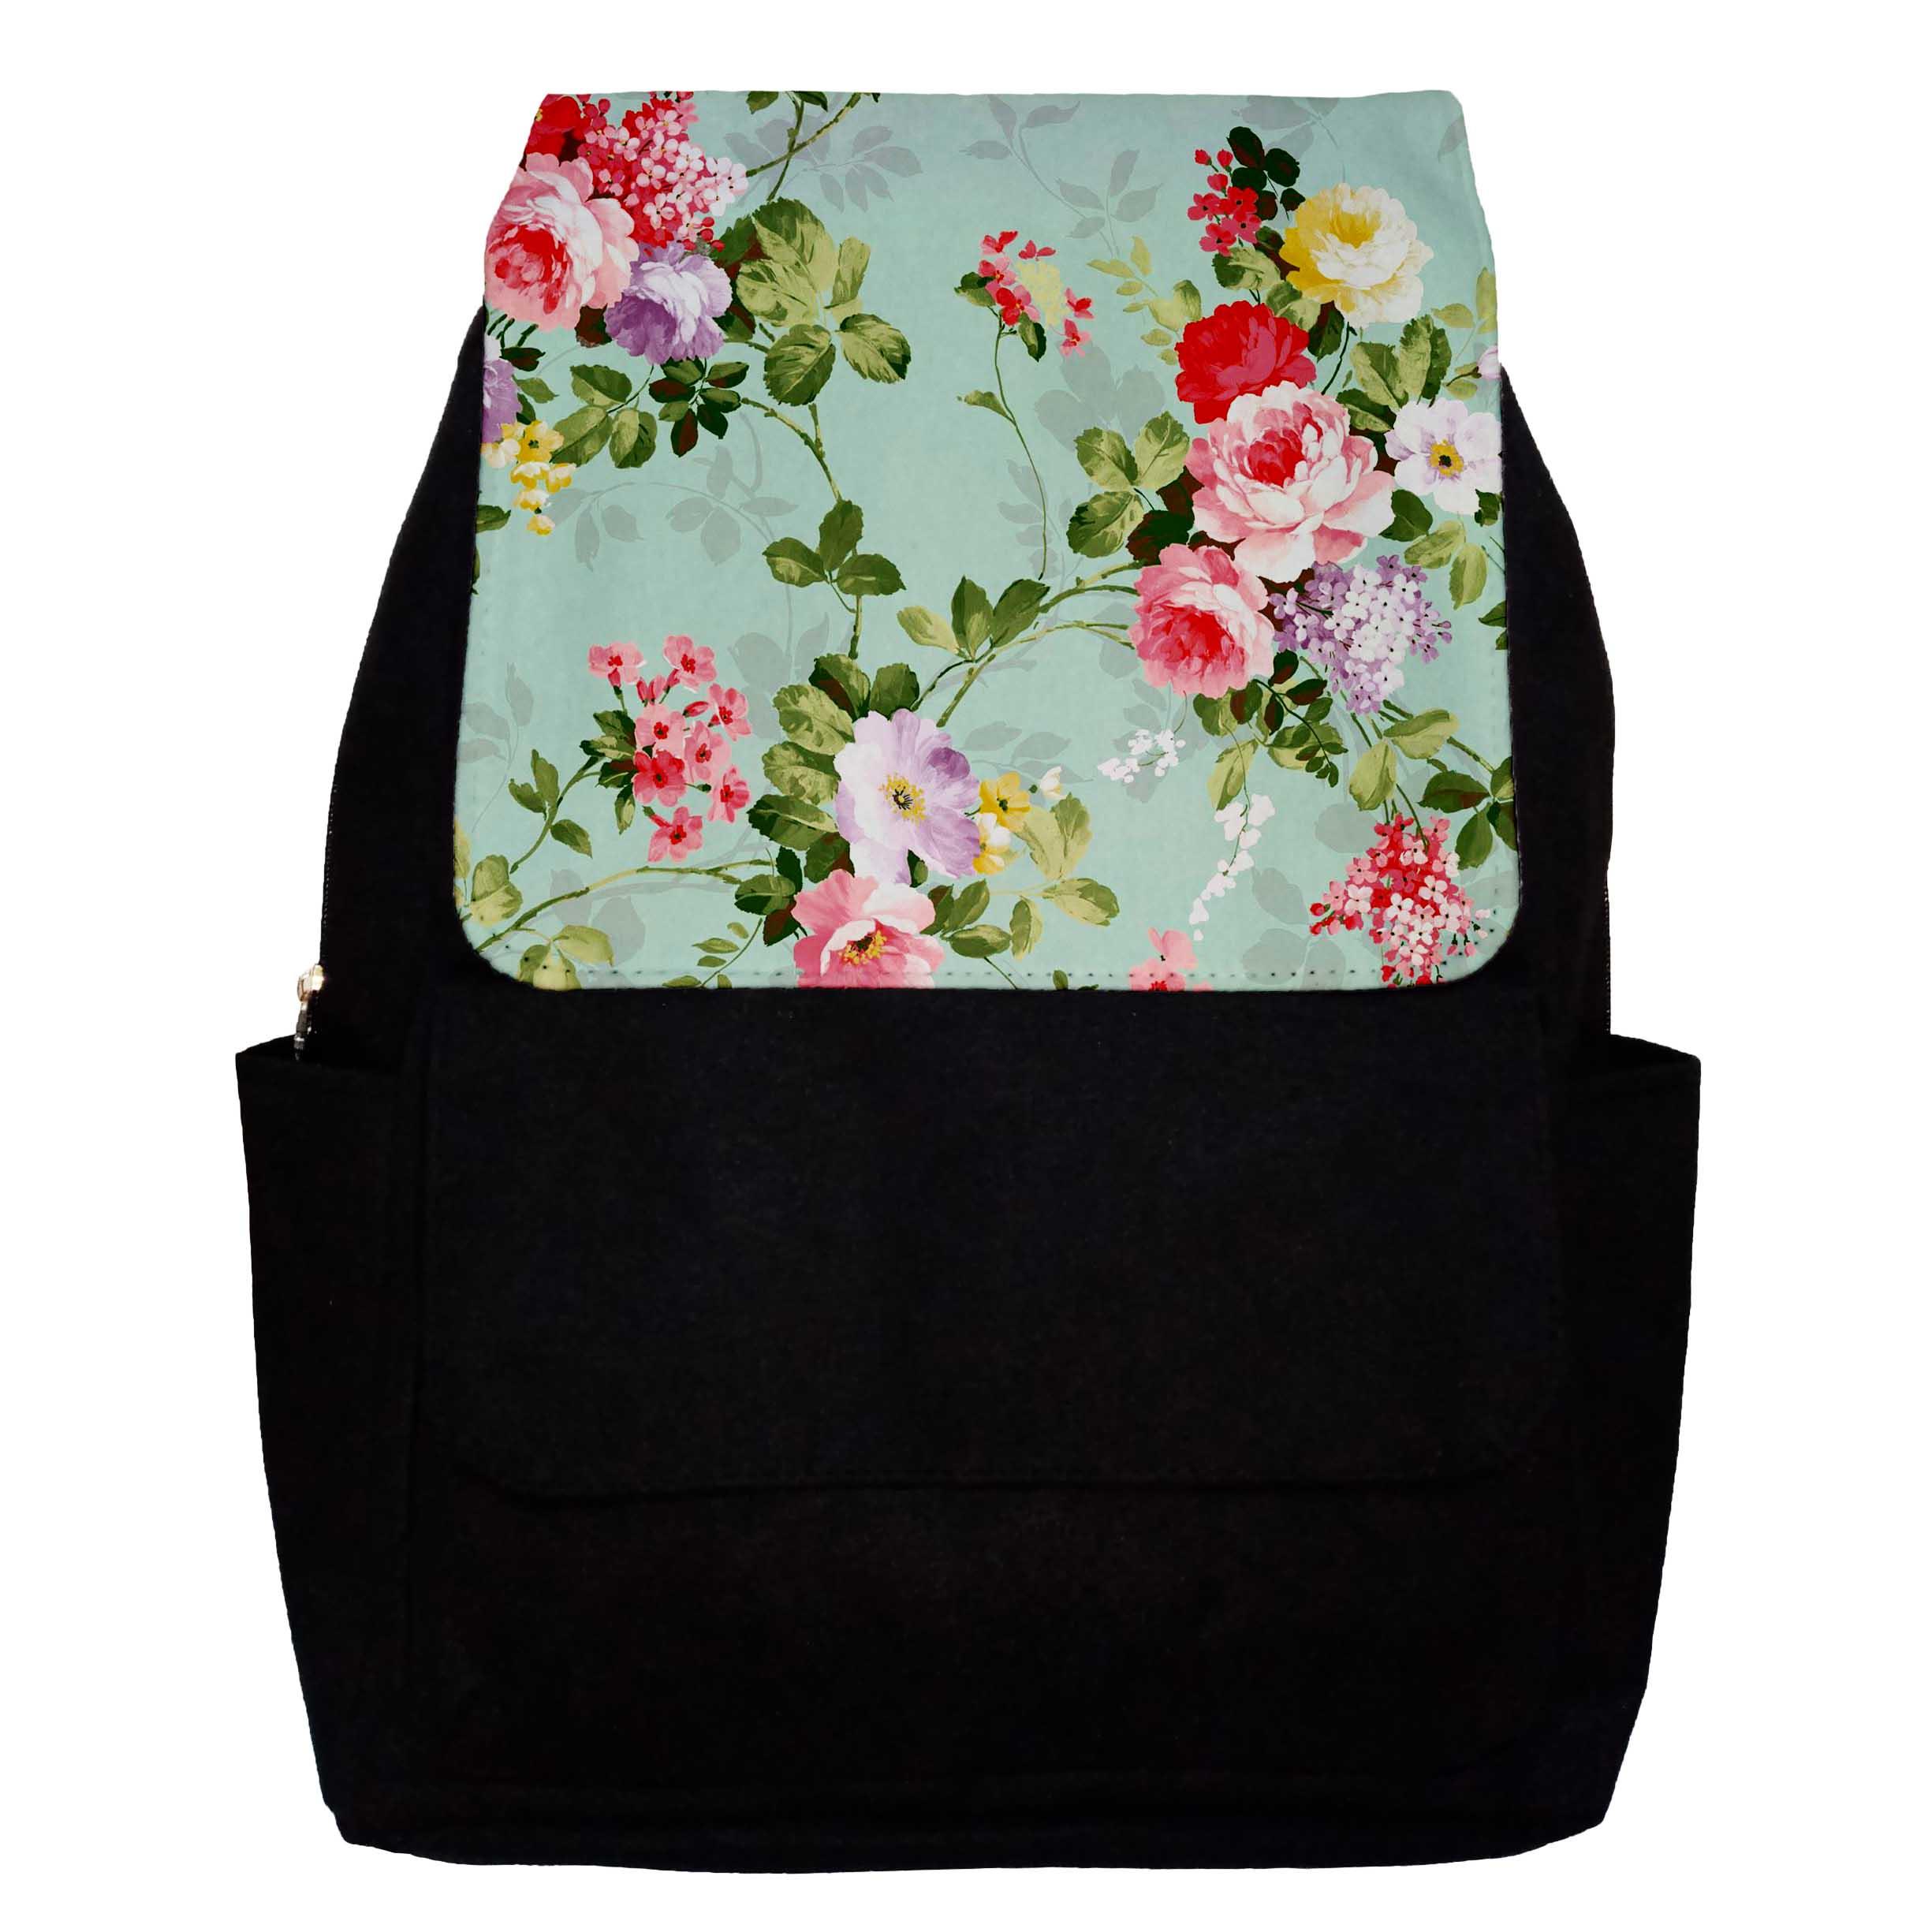 کوله پشتی دخترانه طرح Garden Flowers مدل G31